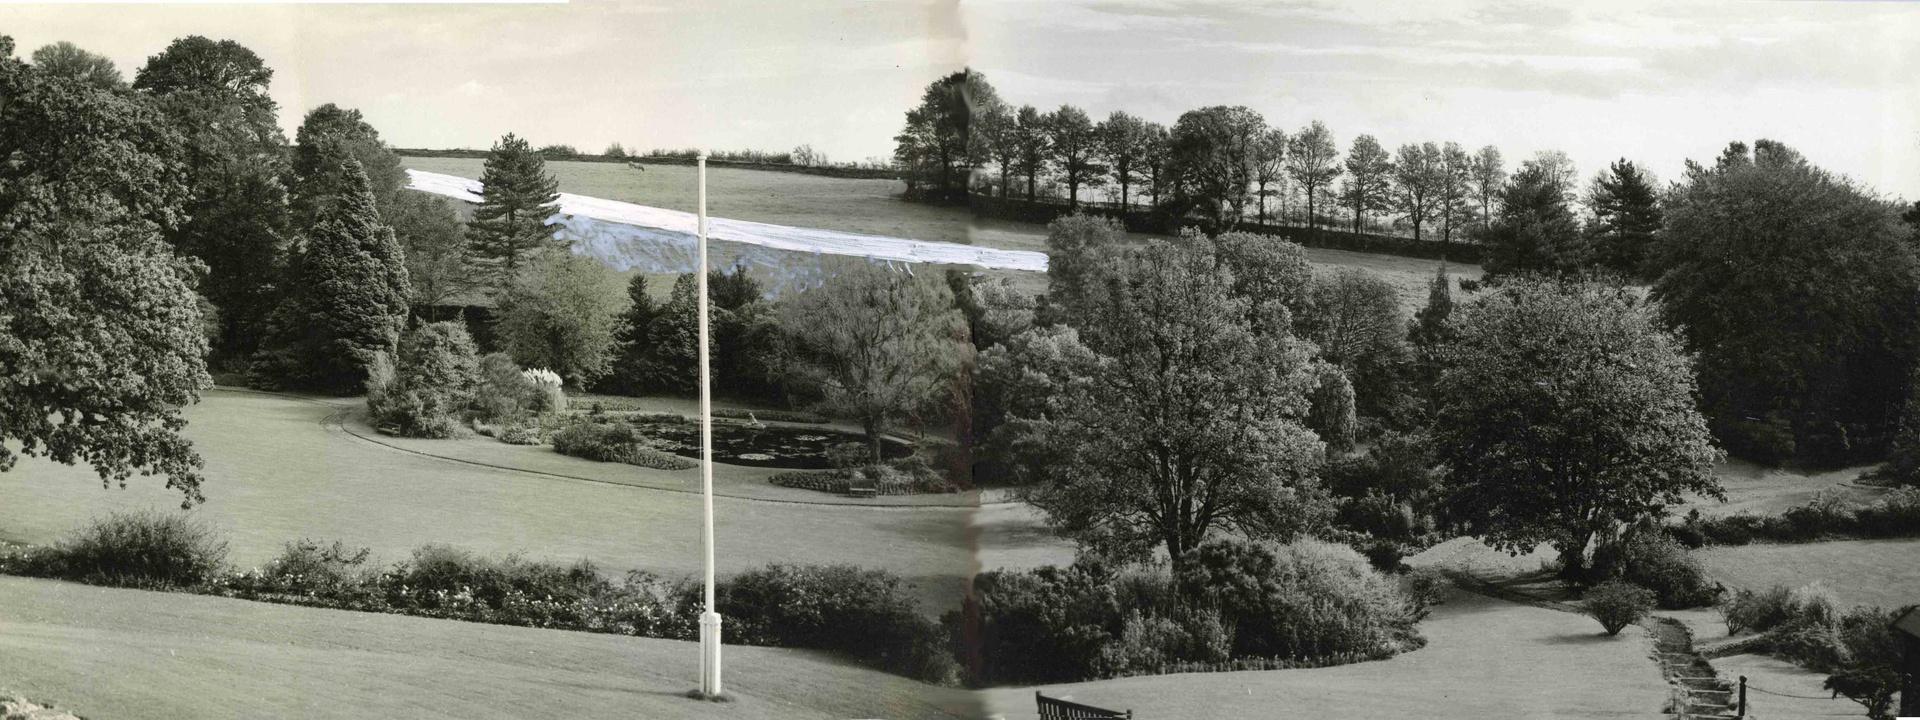 Cliffden grounds